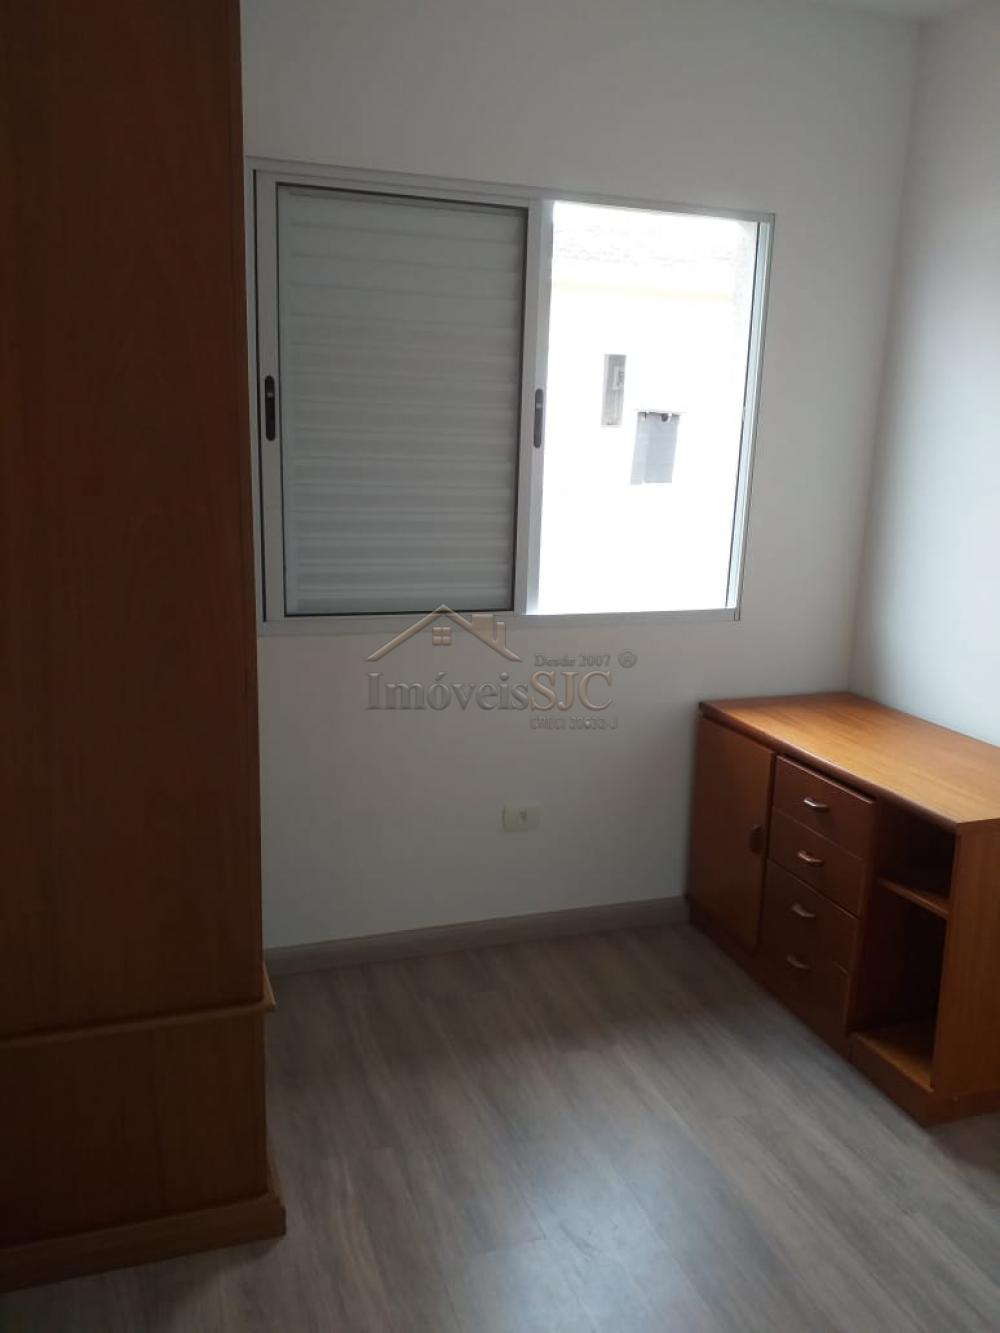 Comprar Casas / Condomínio em Jacareí apenas R$ 478.000,00 - Foto 7